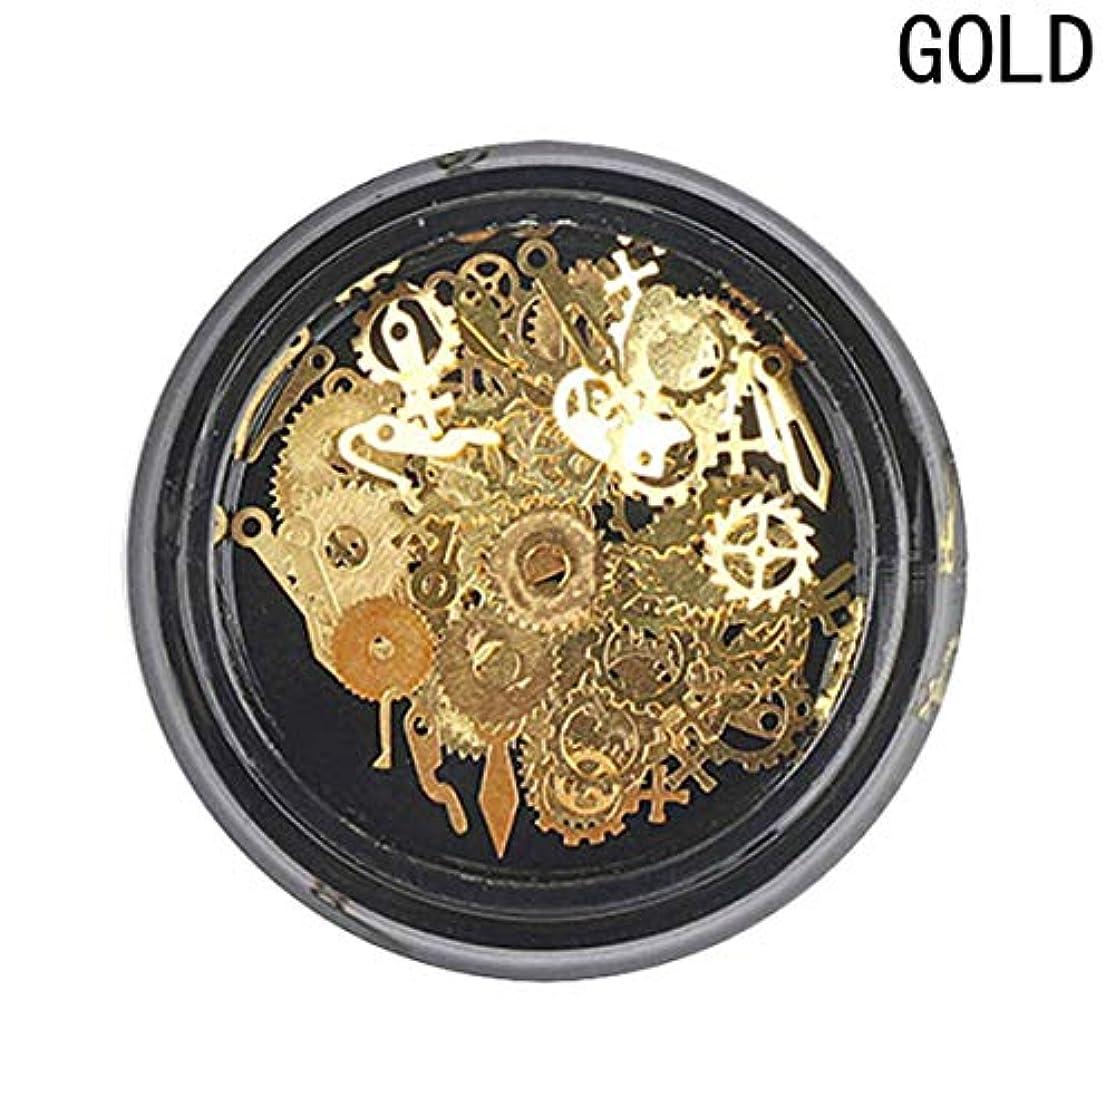 持っている害手錠Yoshilimen 新しいスタイルファッションユニークな合金蒸気パンクギアネイルアート装飾金属スタイルの創造的な女性の爪DIYアクセサリー1ボックス(None golden)